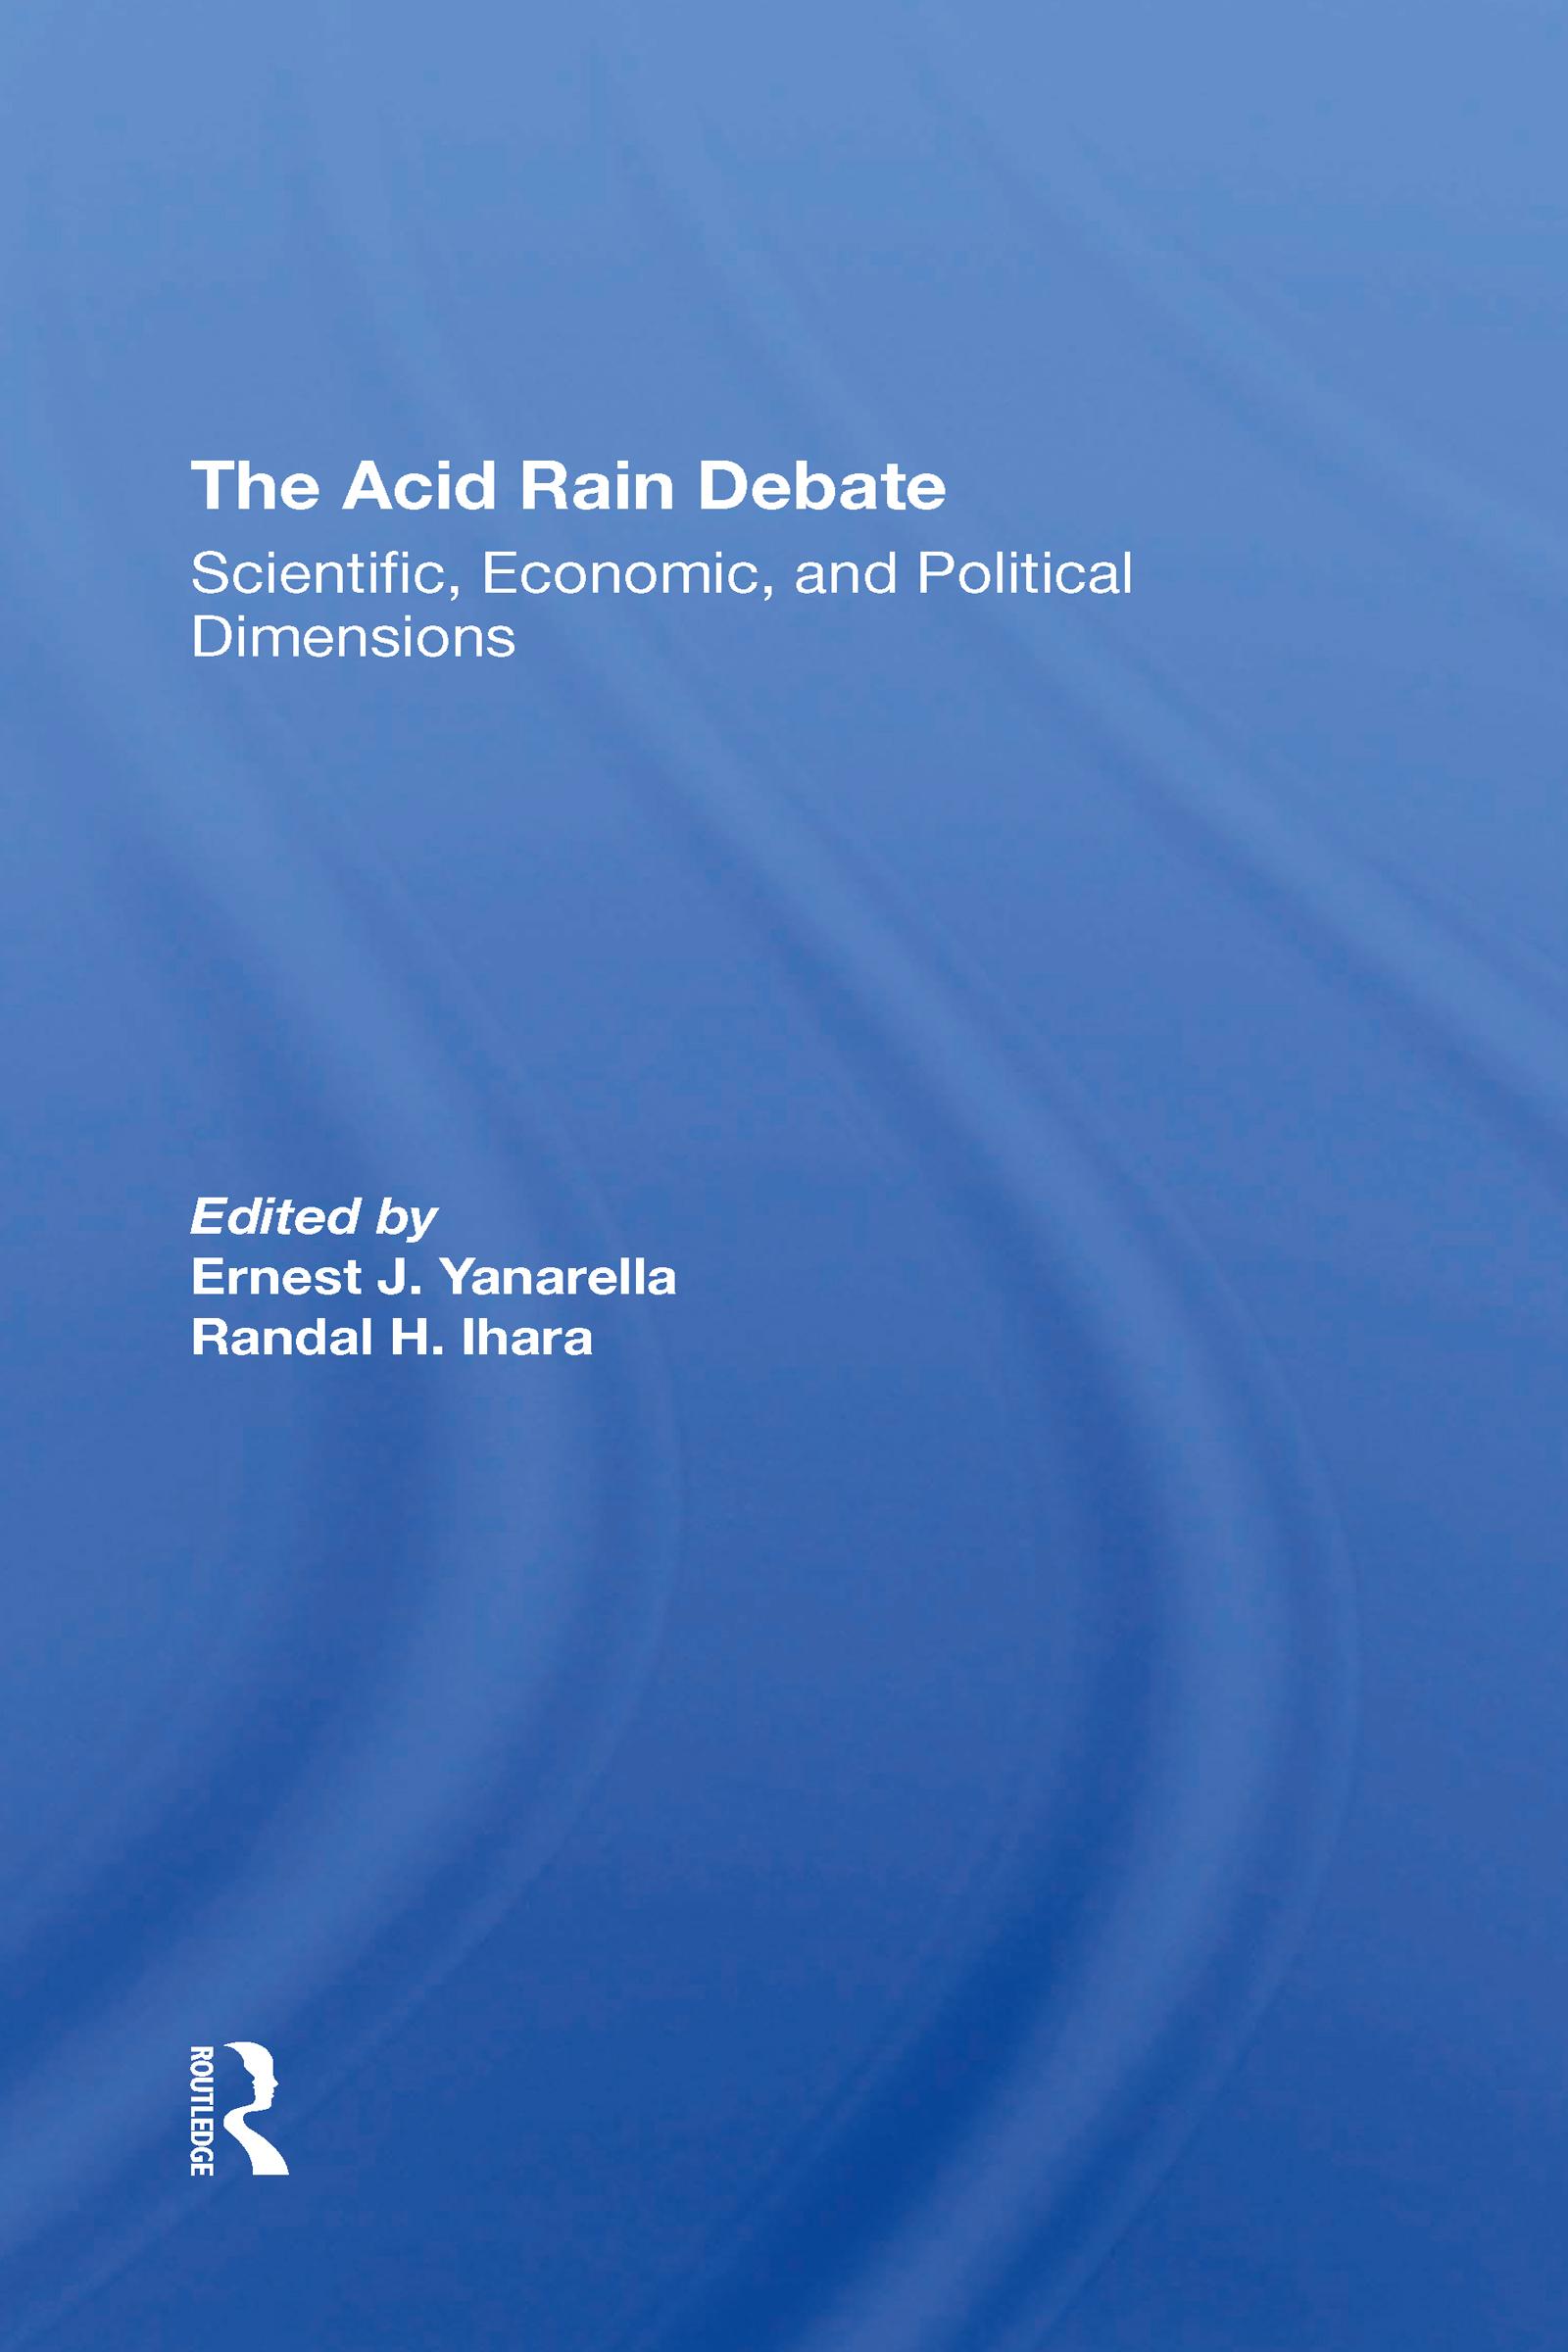 The Acid Rain Debate